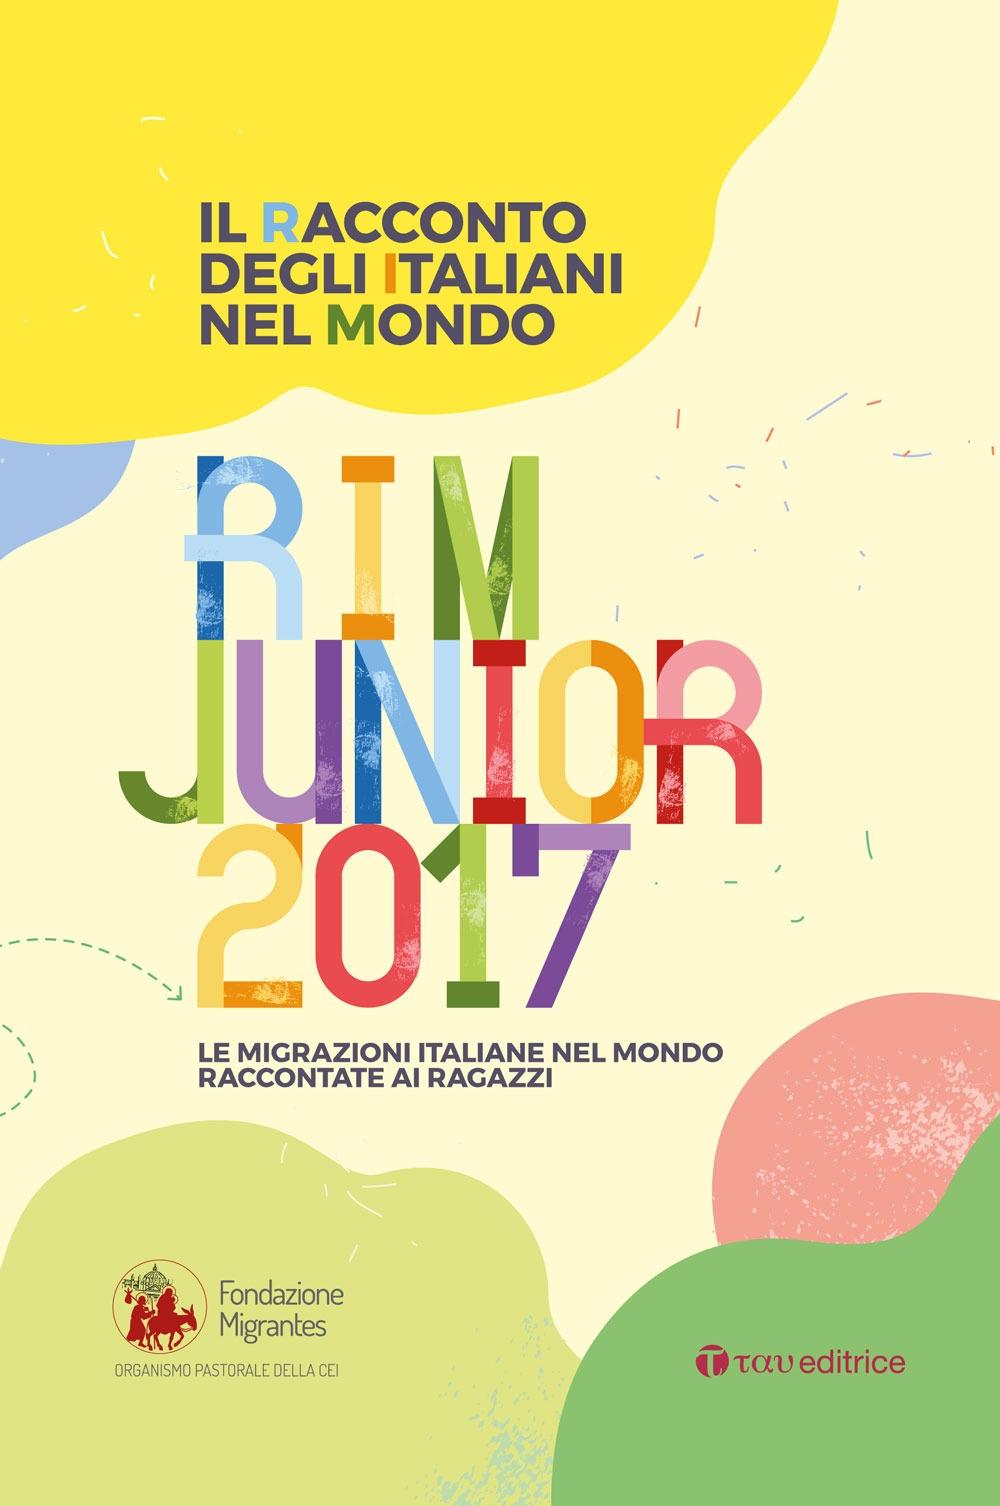 Il racconto degli italiani nel mondo. RIM Junior 2017. Le migrazioni italiane nel mondo raccontate ai ragazzi